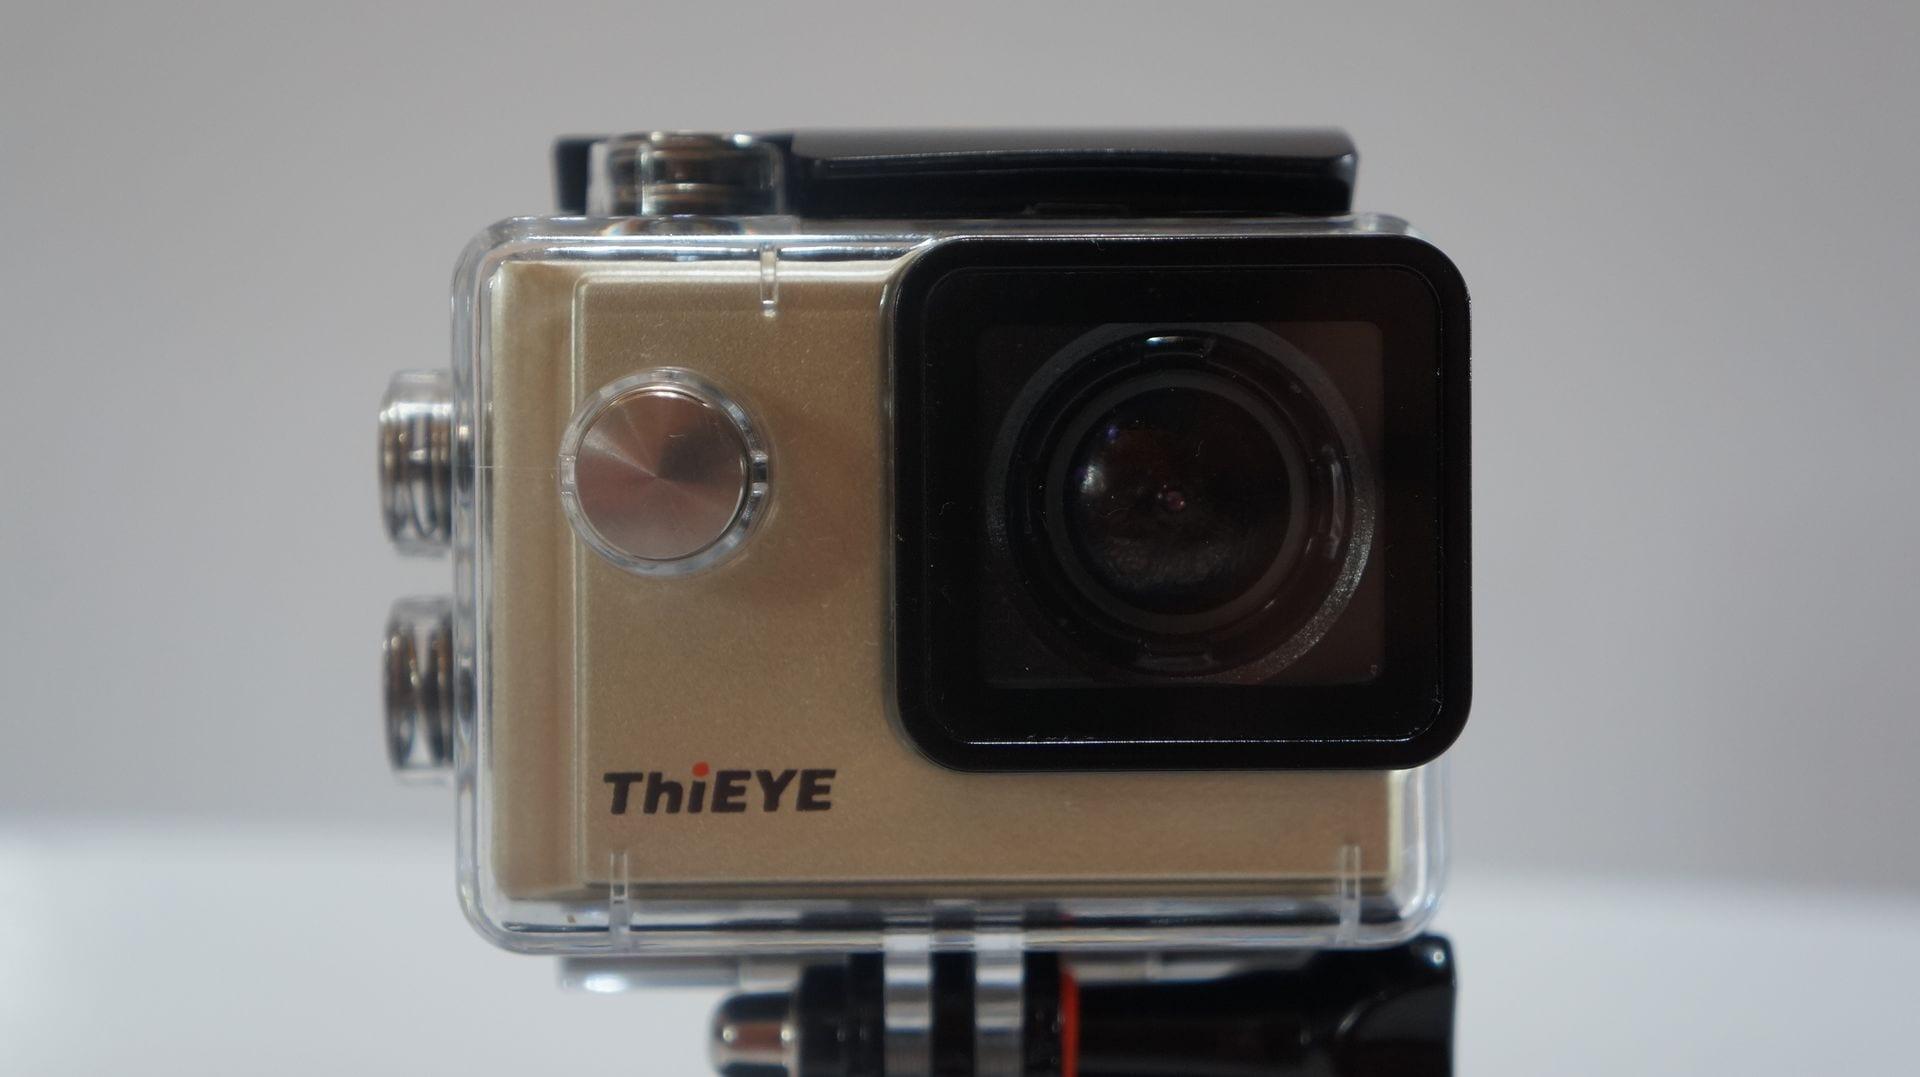 Review de la Thieye i60 Action Camera, un clon de calidad de la Go Pro Hero por apenas los 70 Euros